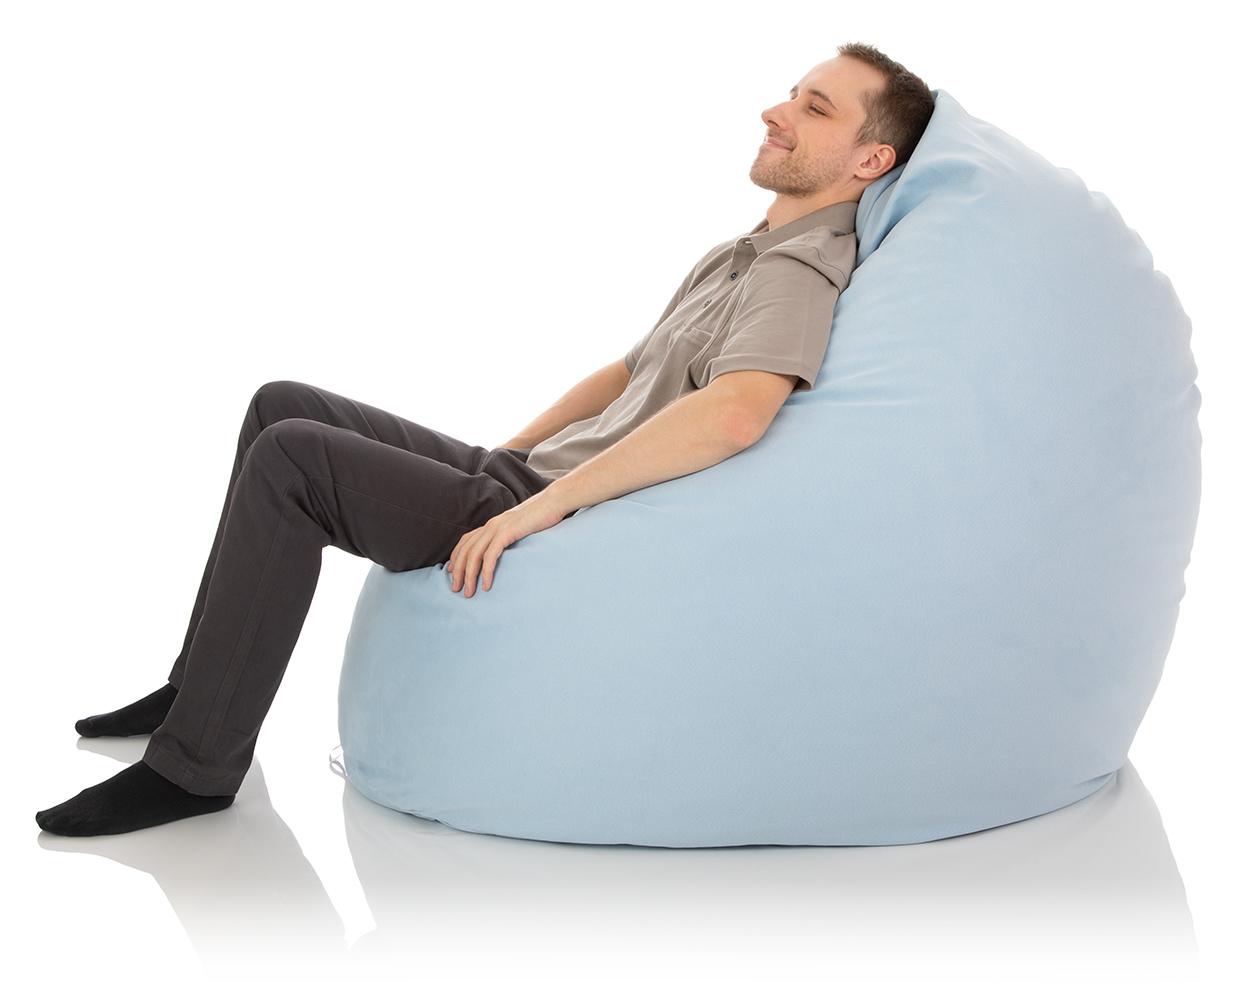 Riesen-Sitzsack XXL für das Kinderzimmer oder Wohnzimmer in hell-blau mit ca. 800 Liter Sitzsack-Füllung